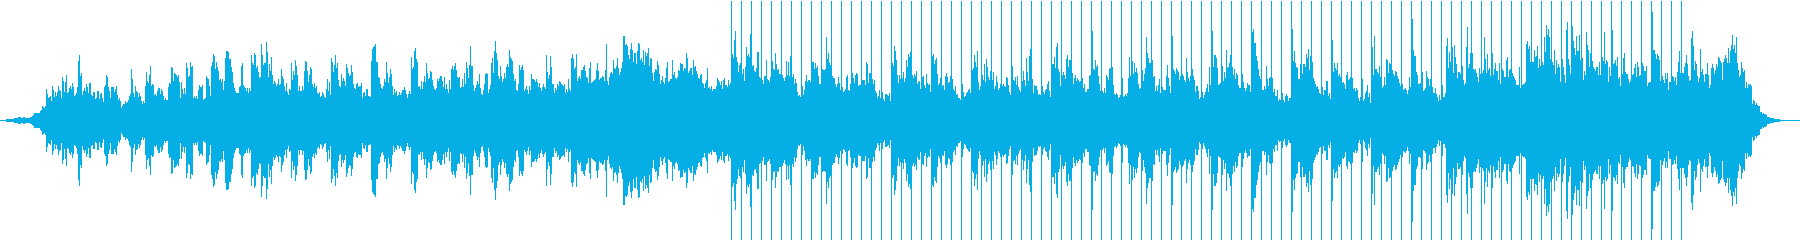 アンビエント ファンタジー 魔法 ...の再生済みの波形